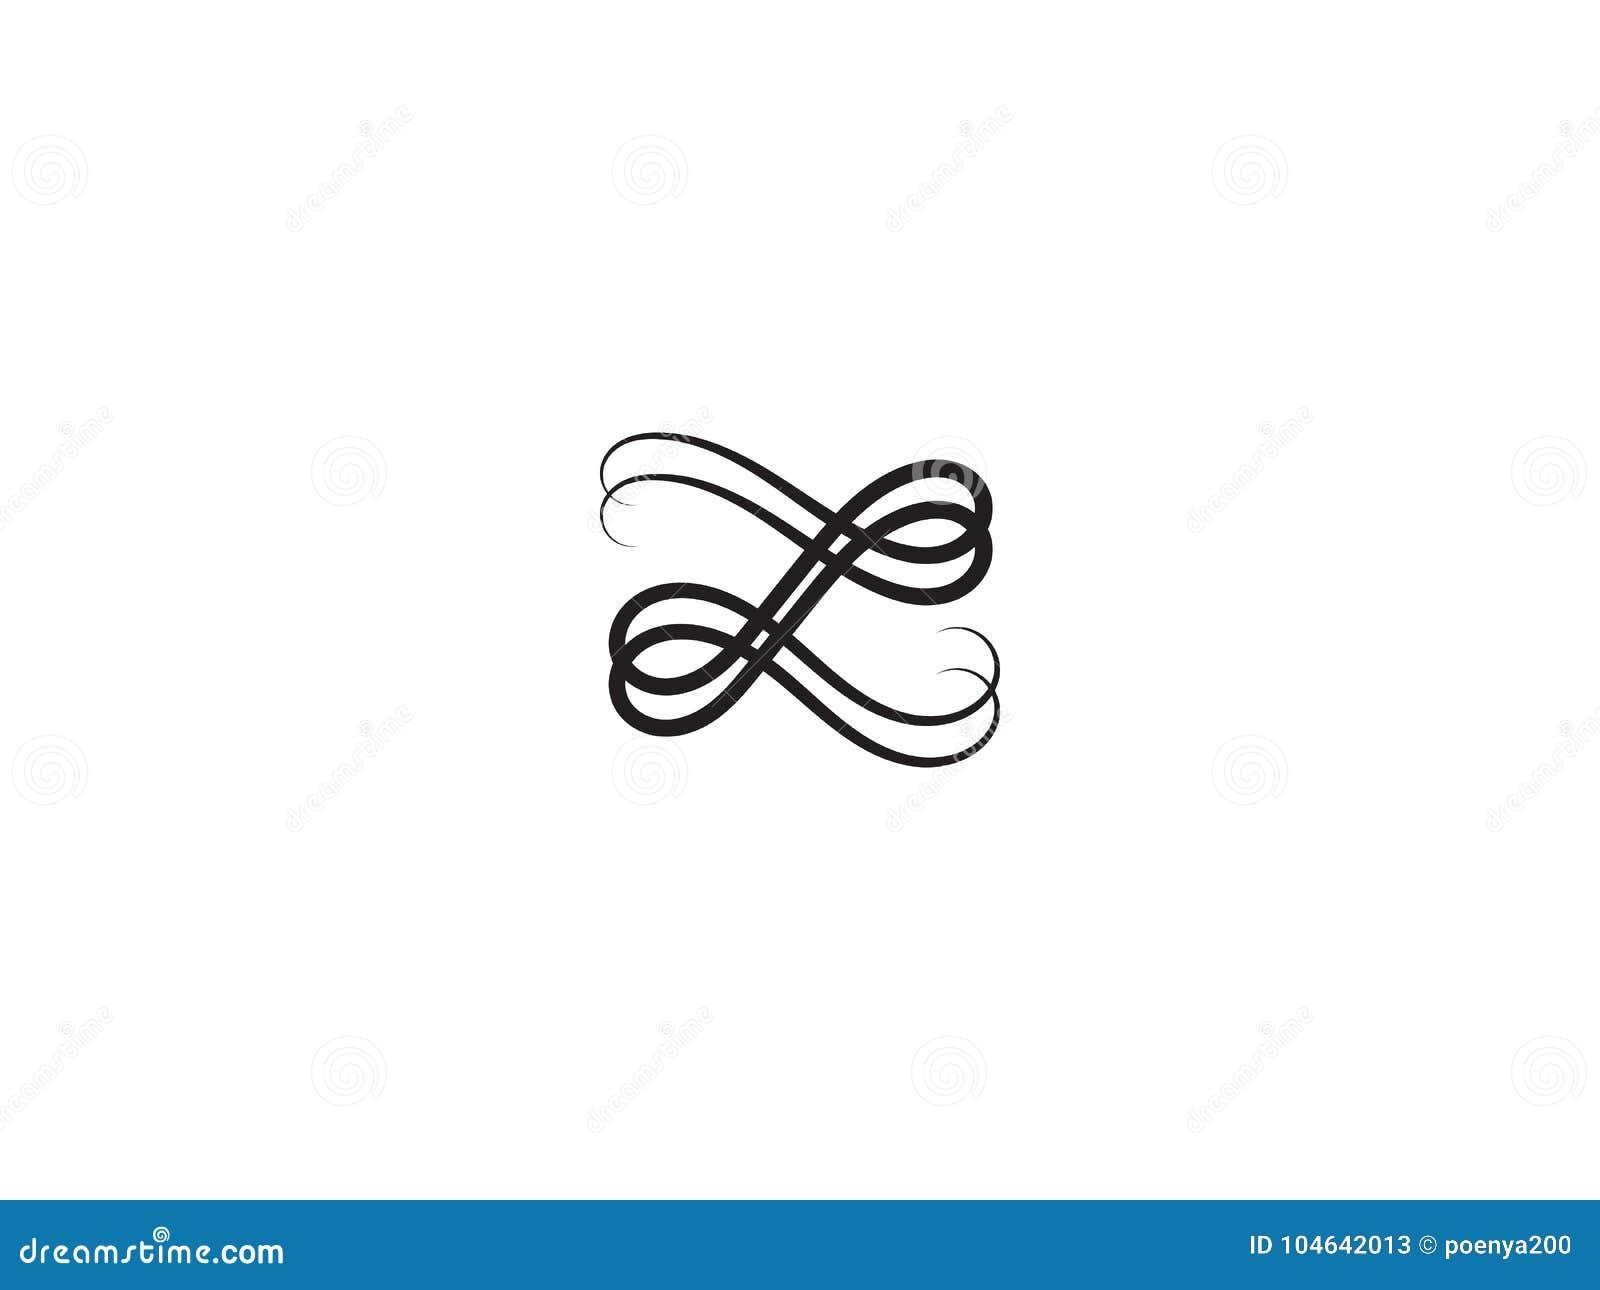 Download Het Aanvankelijke Malplaatje Van Het Brievenz Embleem Alfabetsymbool Voor Collectief Stock Illustratie - Illustratie bestaande uit logotype, geometrisch: 104642013